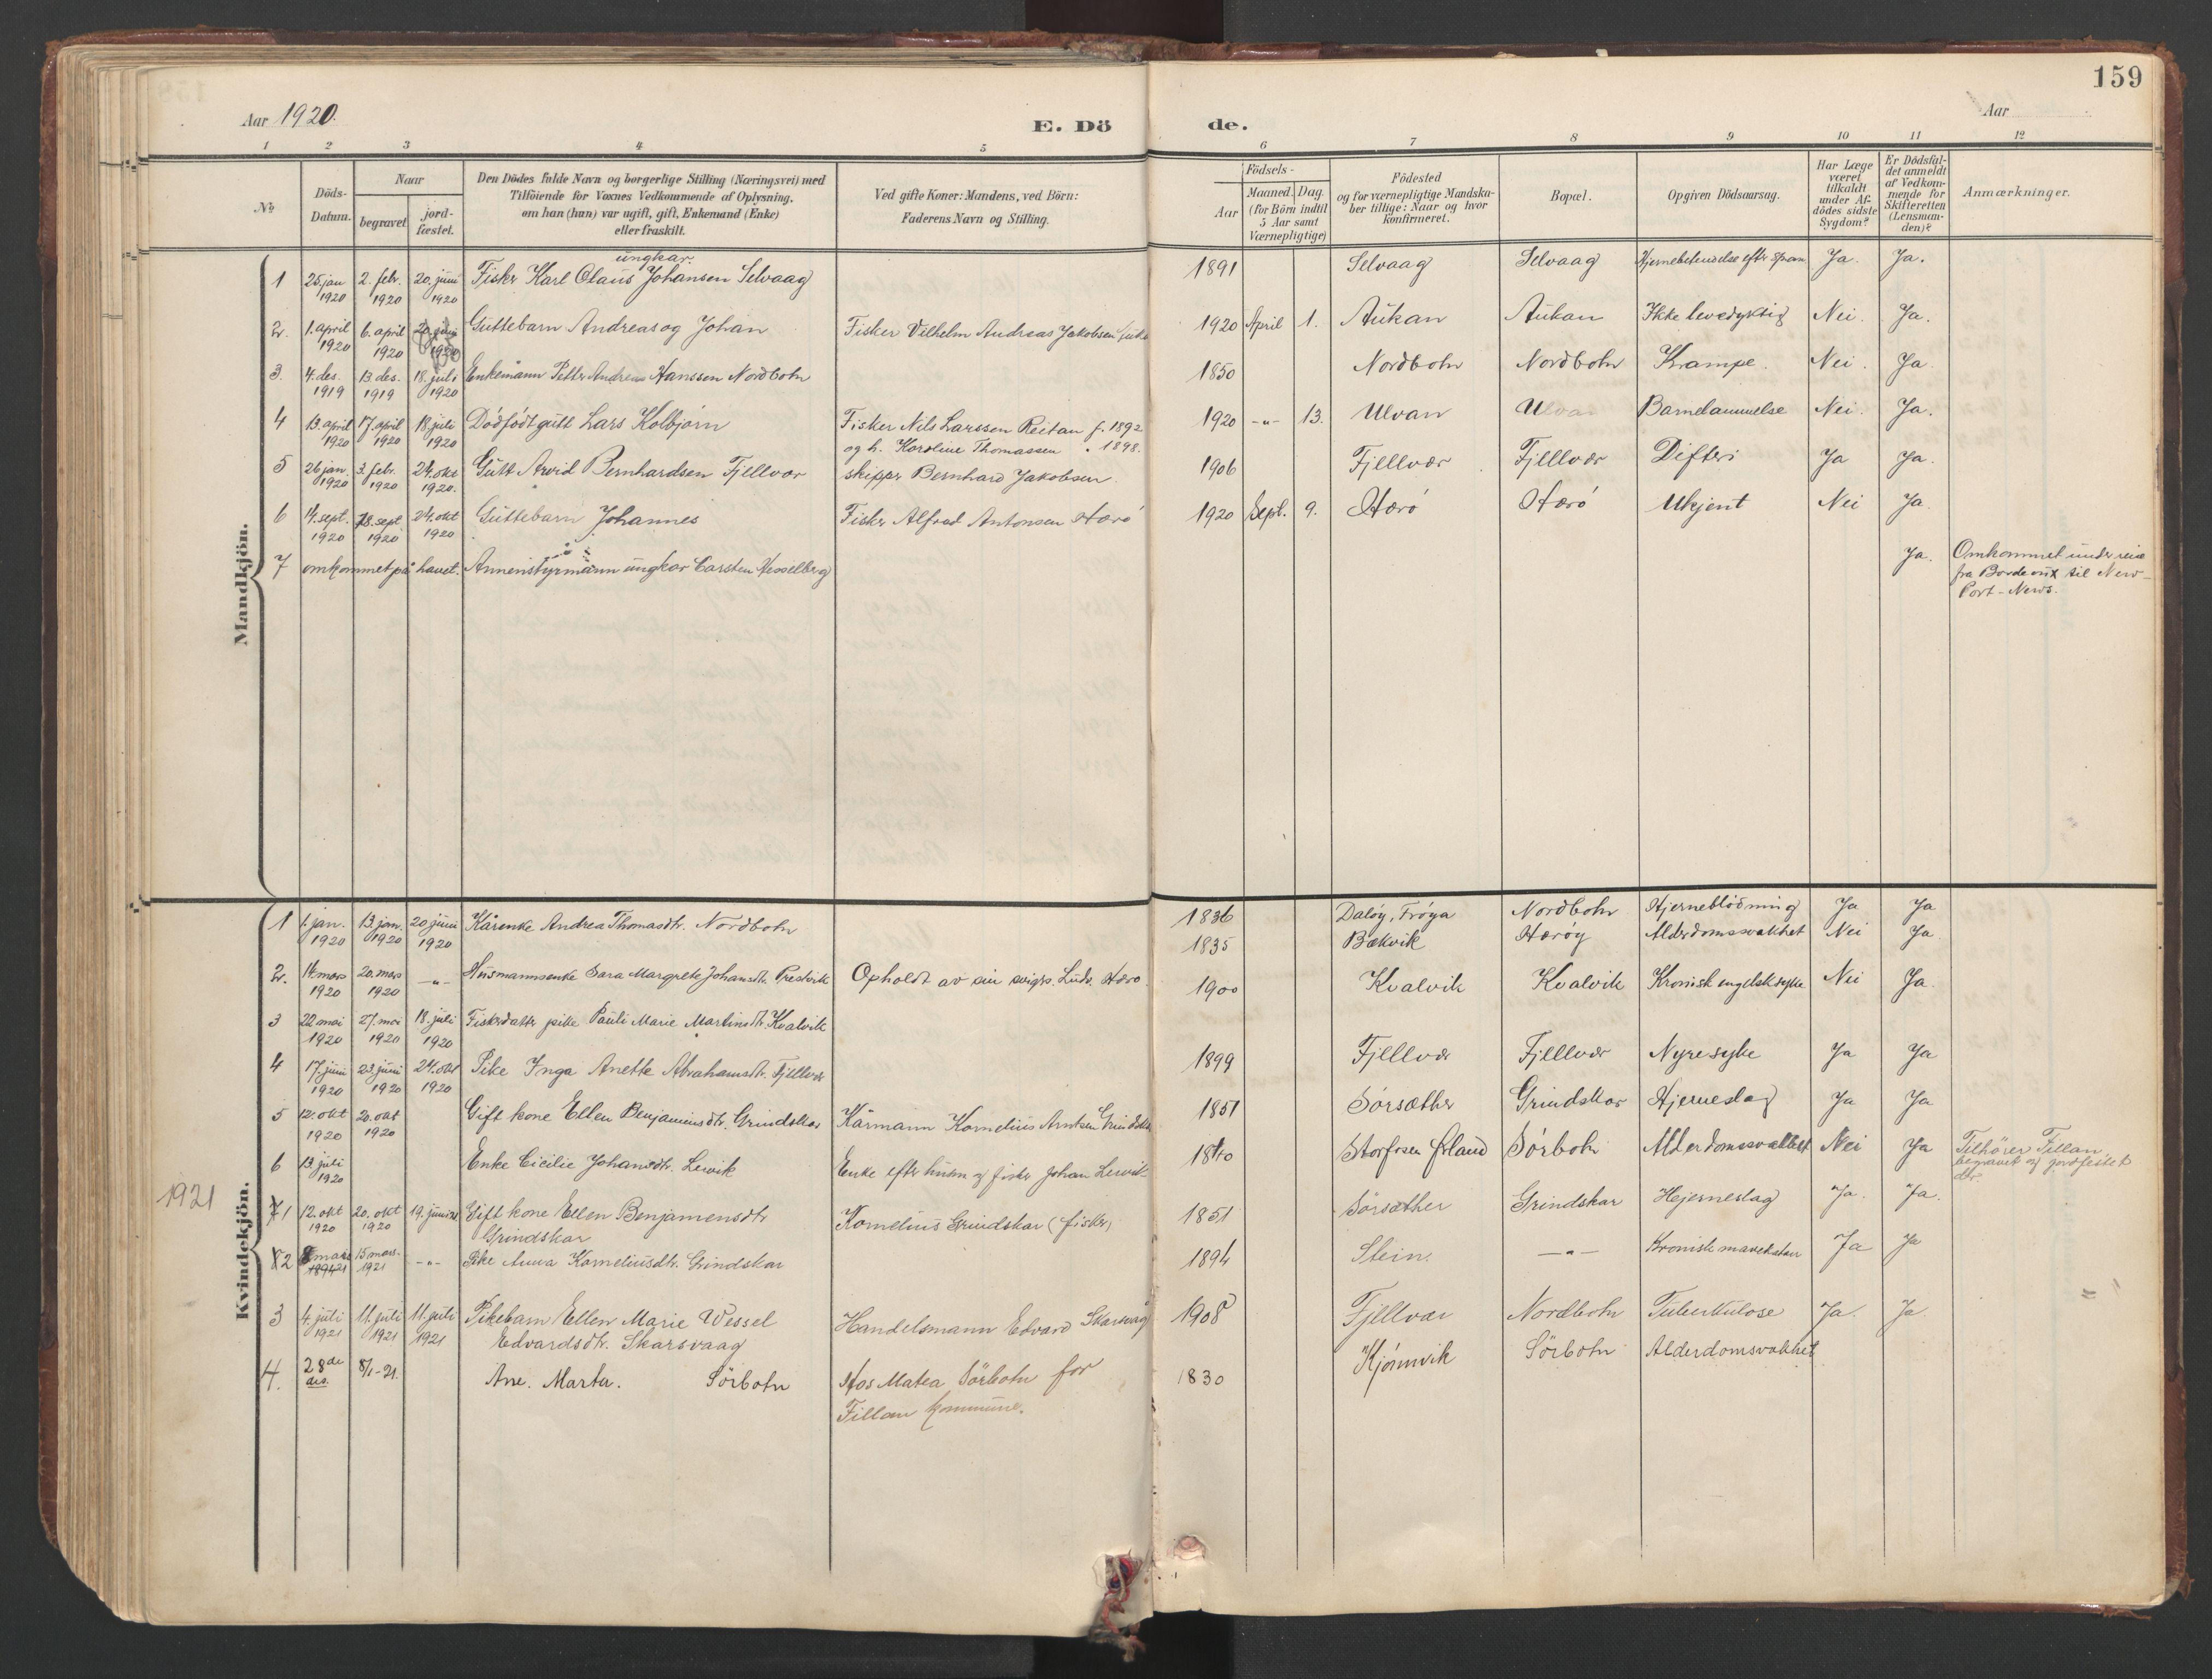 SAT, Ministerialprotokoller, klokkerbøker og fødselsregistre - Sør-Trøndelag, 638/L0571: Klokkerbok nr. 638C03, 1901-1930, s. 159